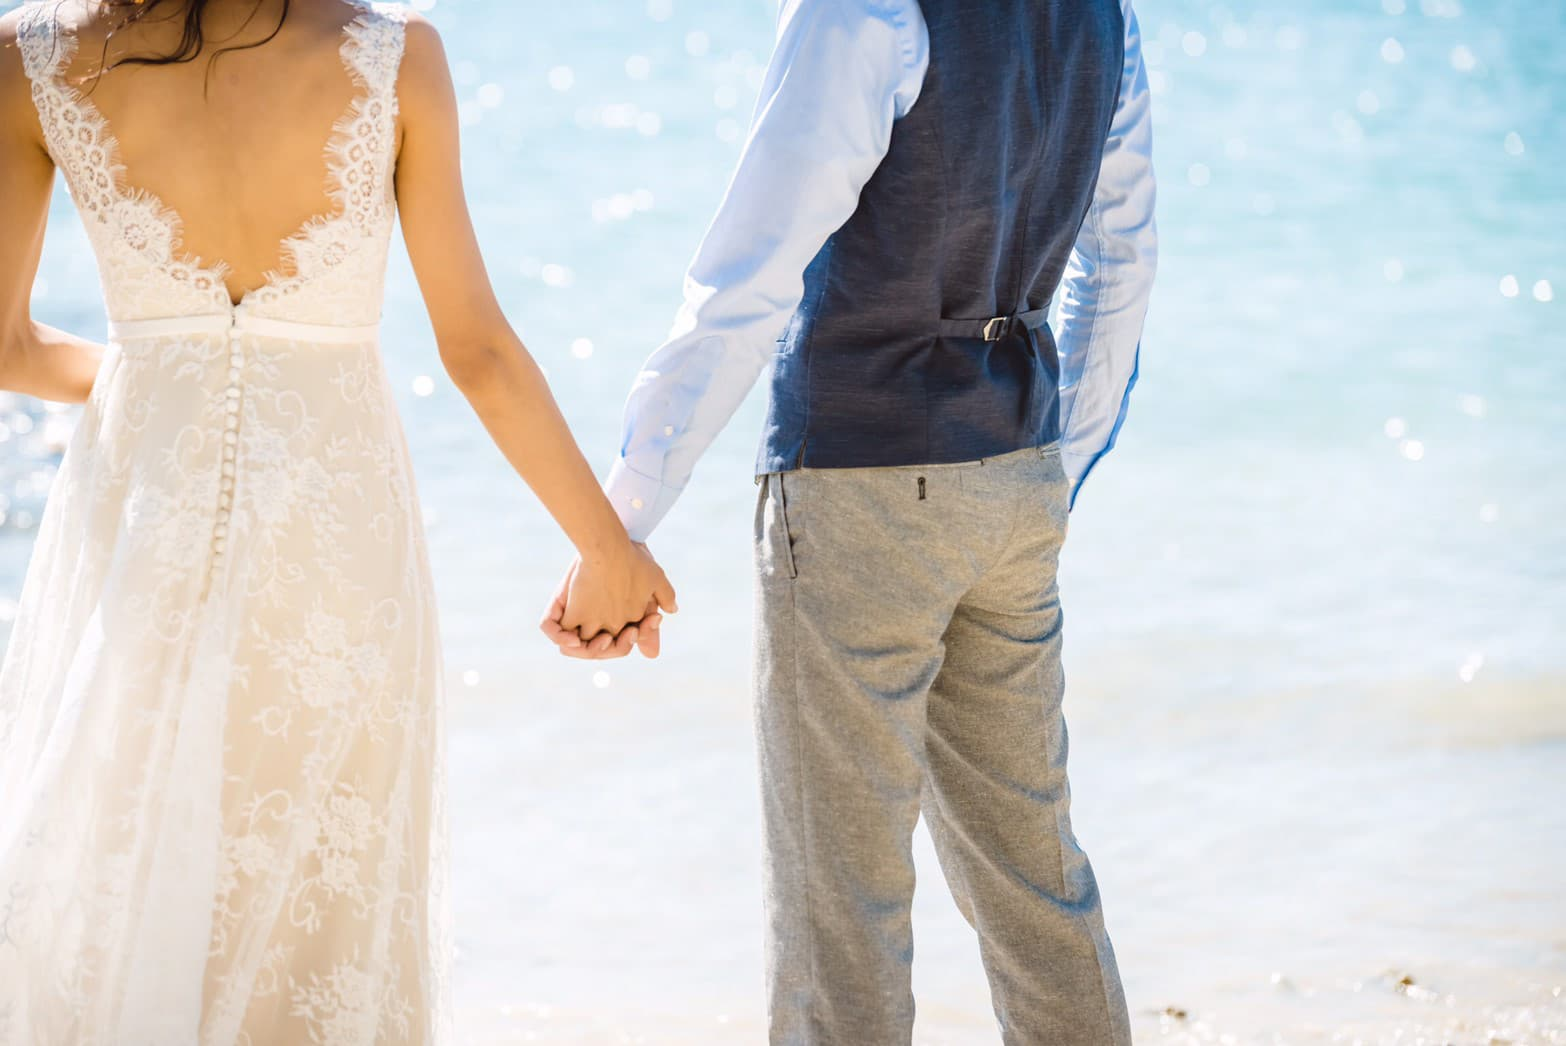 ご自身の好きなスタイルでの結婚式を実現できるカスタマイズウエディング